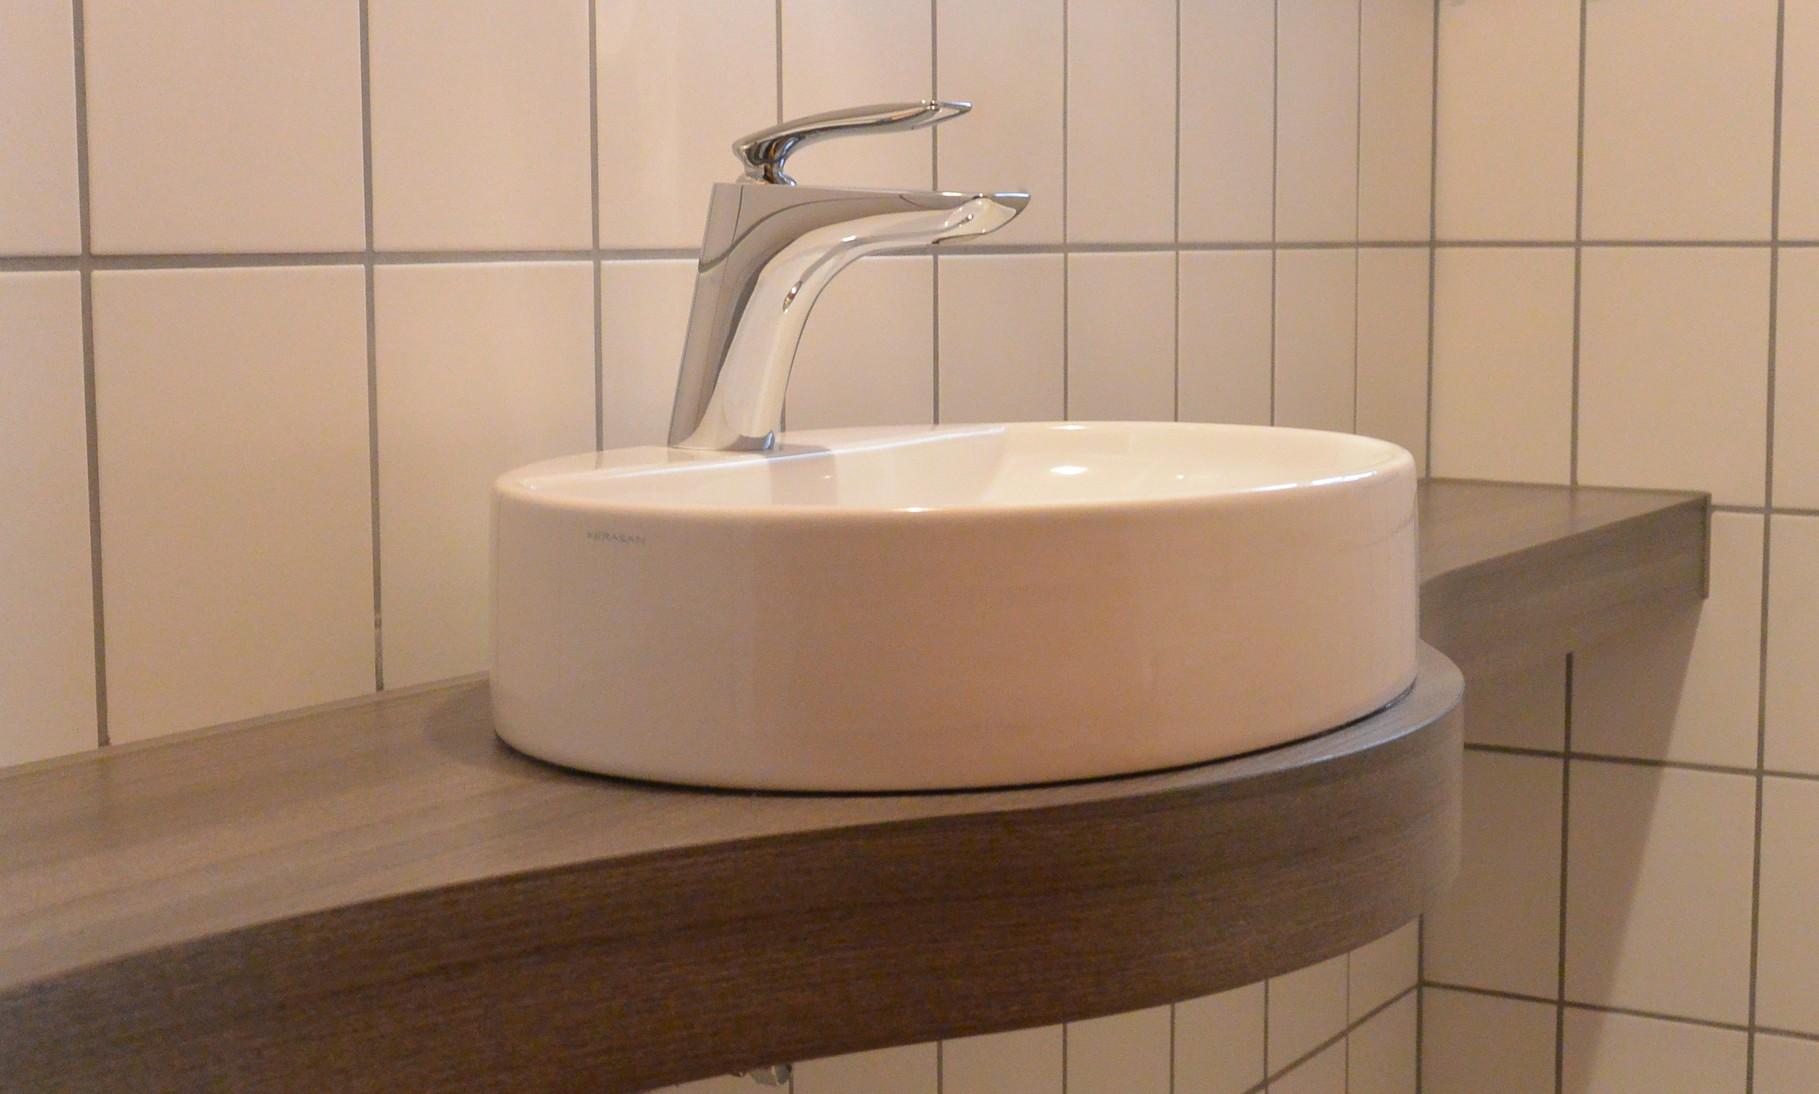 Waschtischplatte geschwungen in Holzdekor ideal für das kleine Gäste-WC